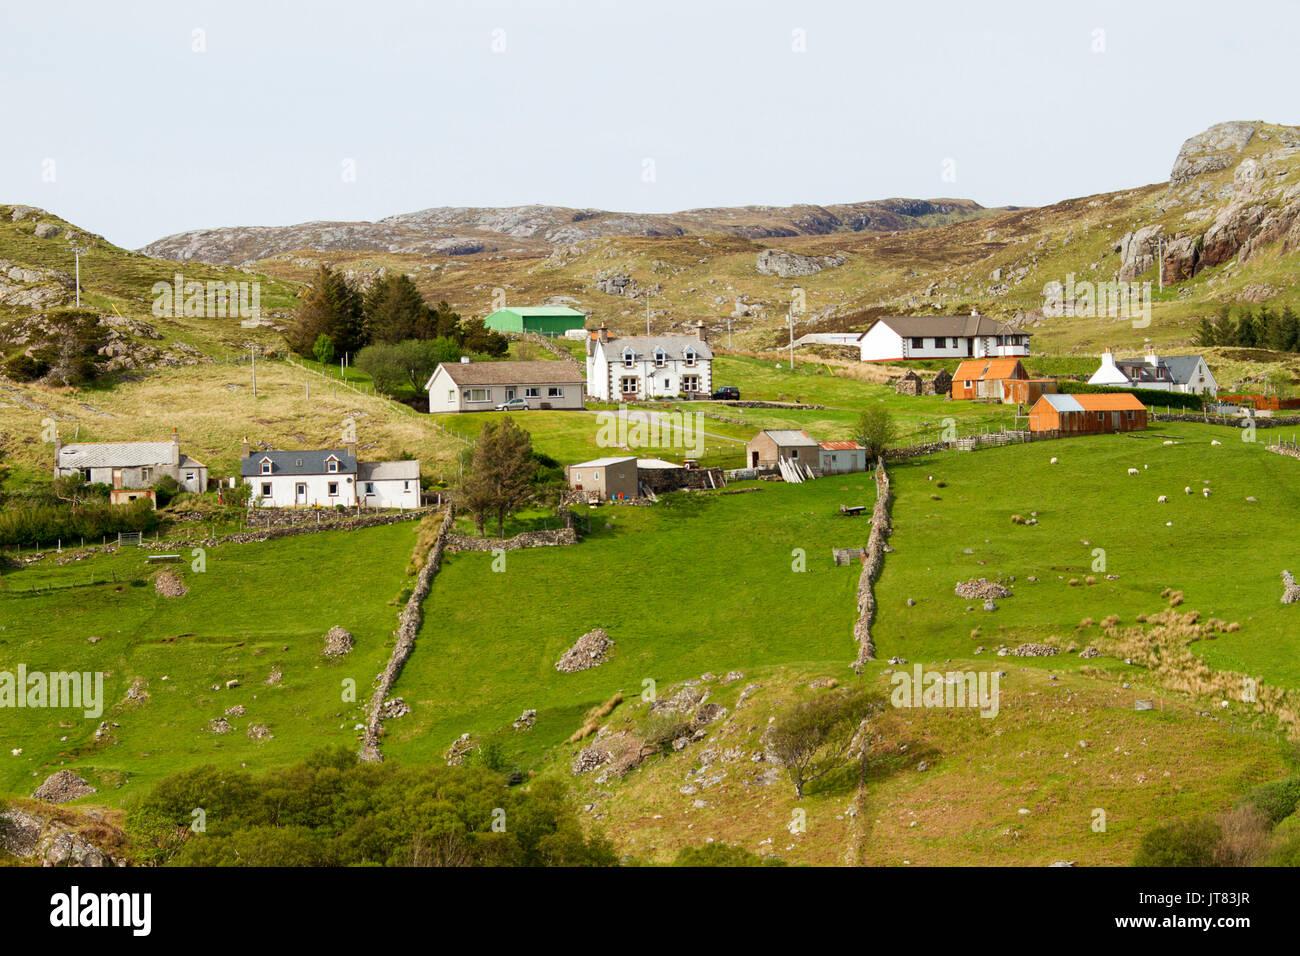 Case e Terreni coltivati nei pressi di Kinlochbervie, Scozia Foto Stock